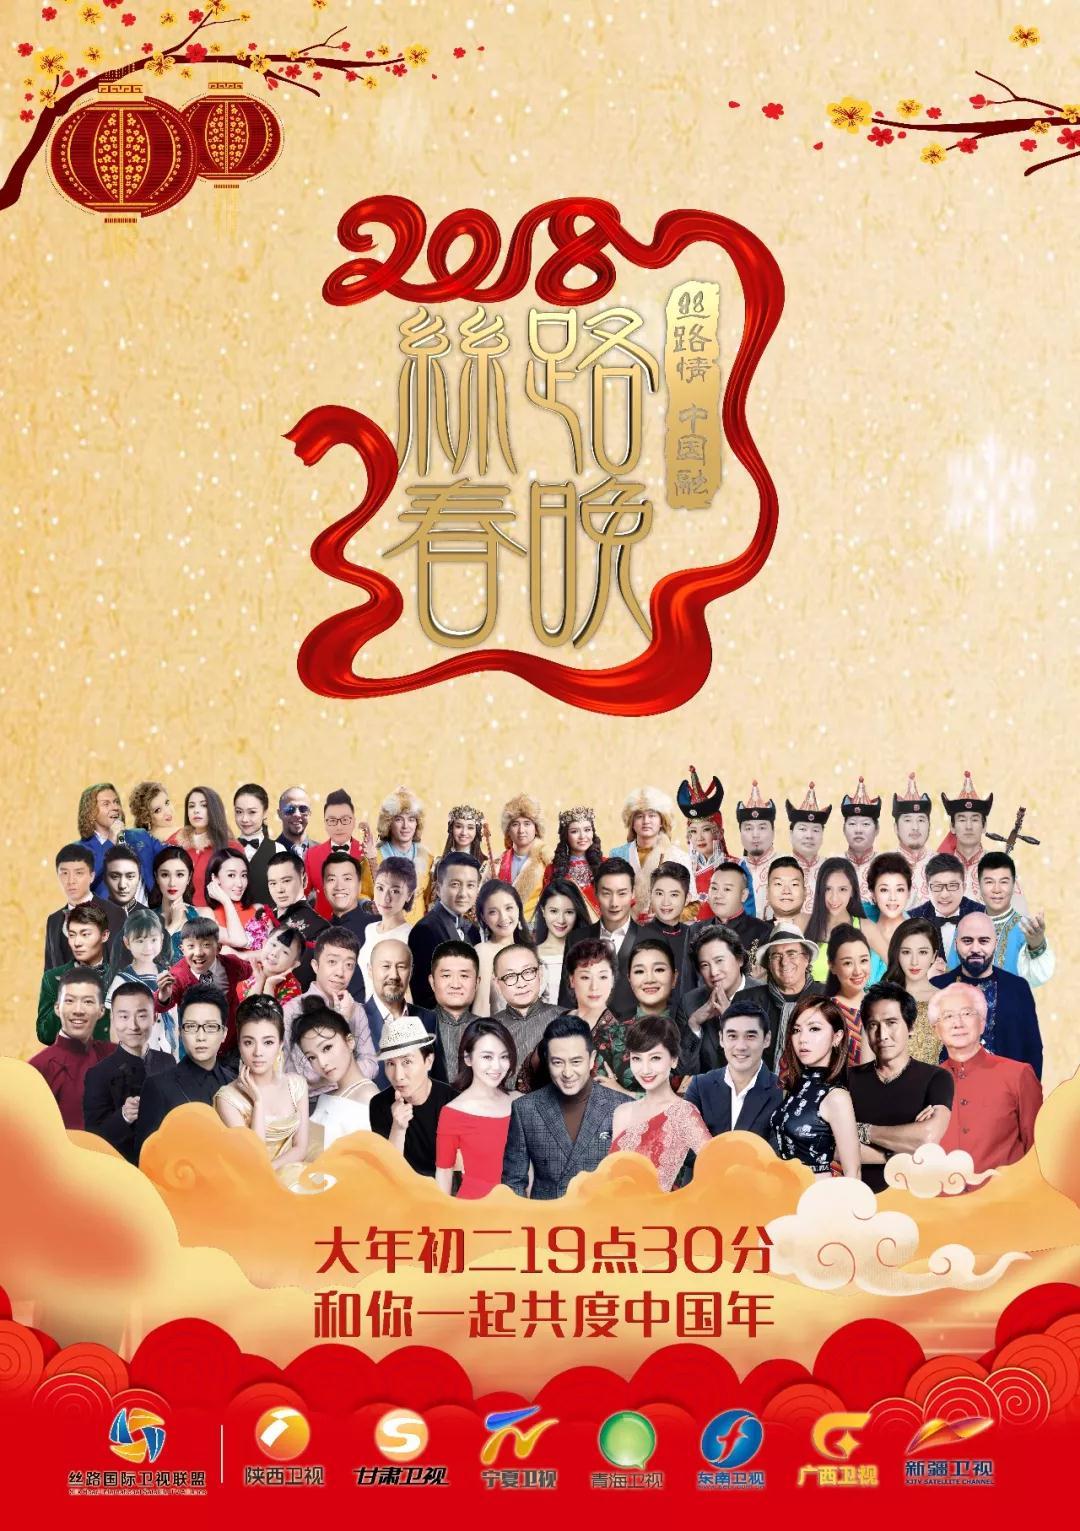 """2018丝路春晚全明星阵容曝光,看那些记忆中的""""传奇""""集体现身"""